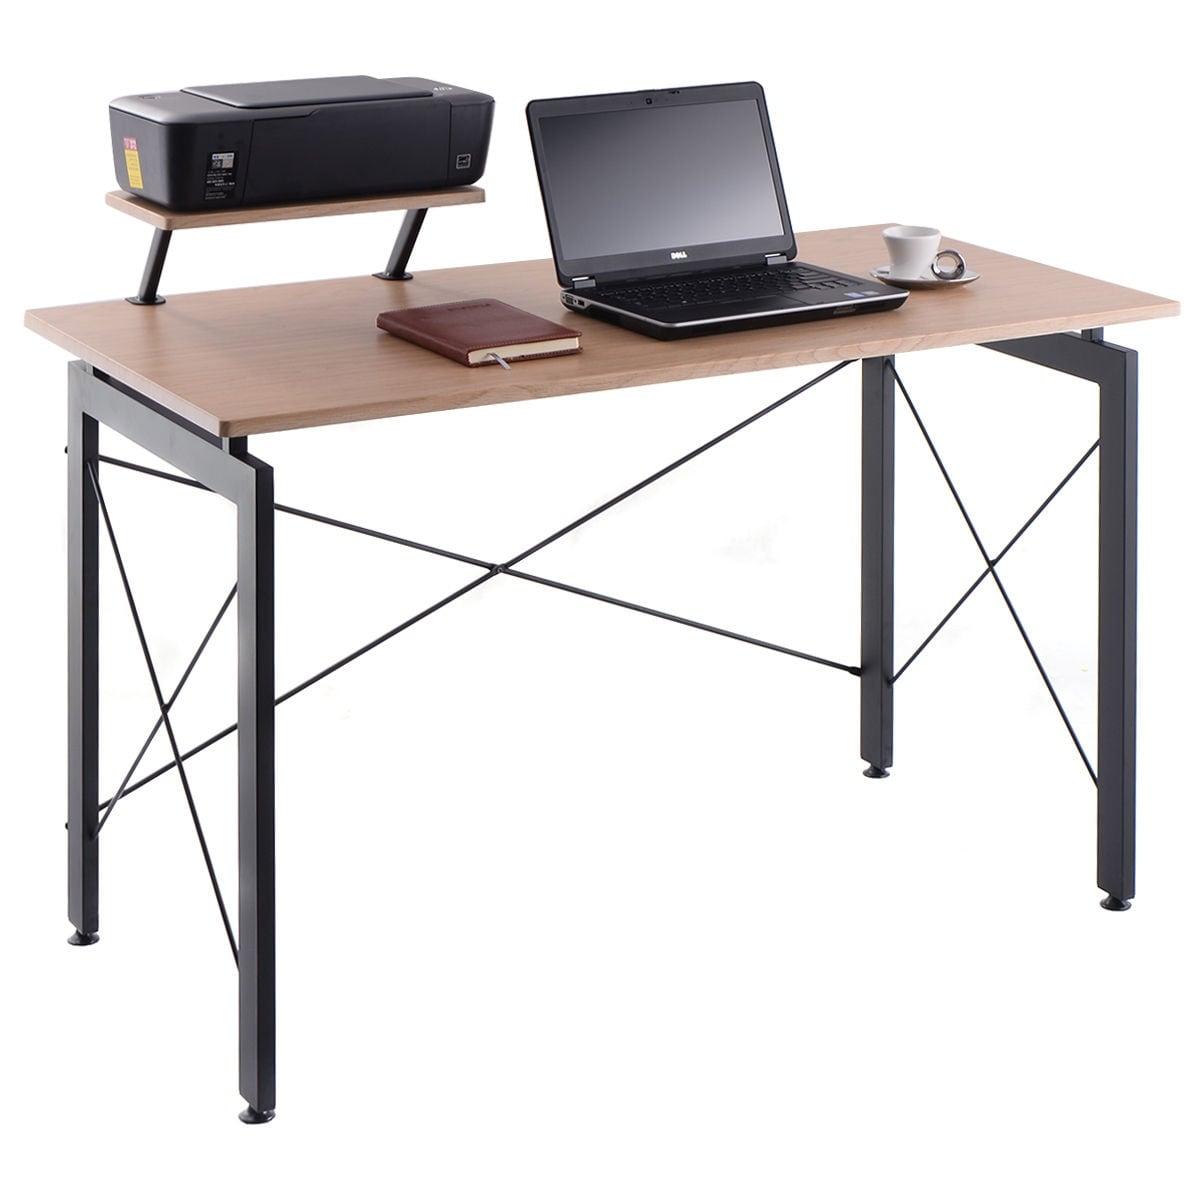 Costway Computer Desk Pc Laptop Table